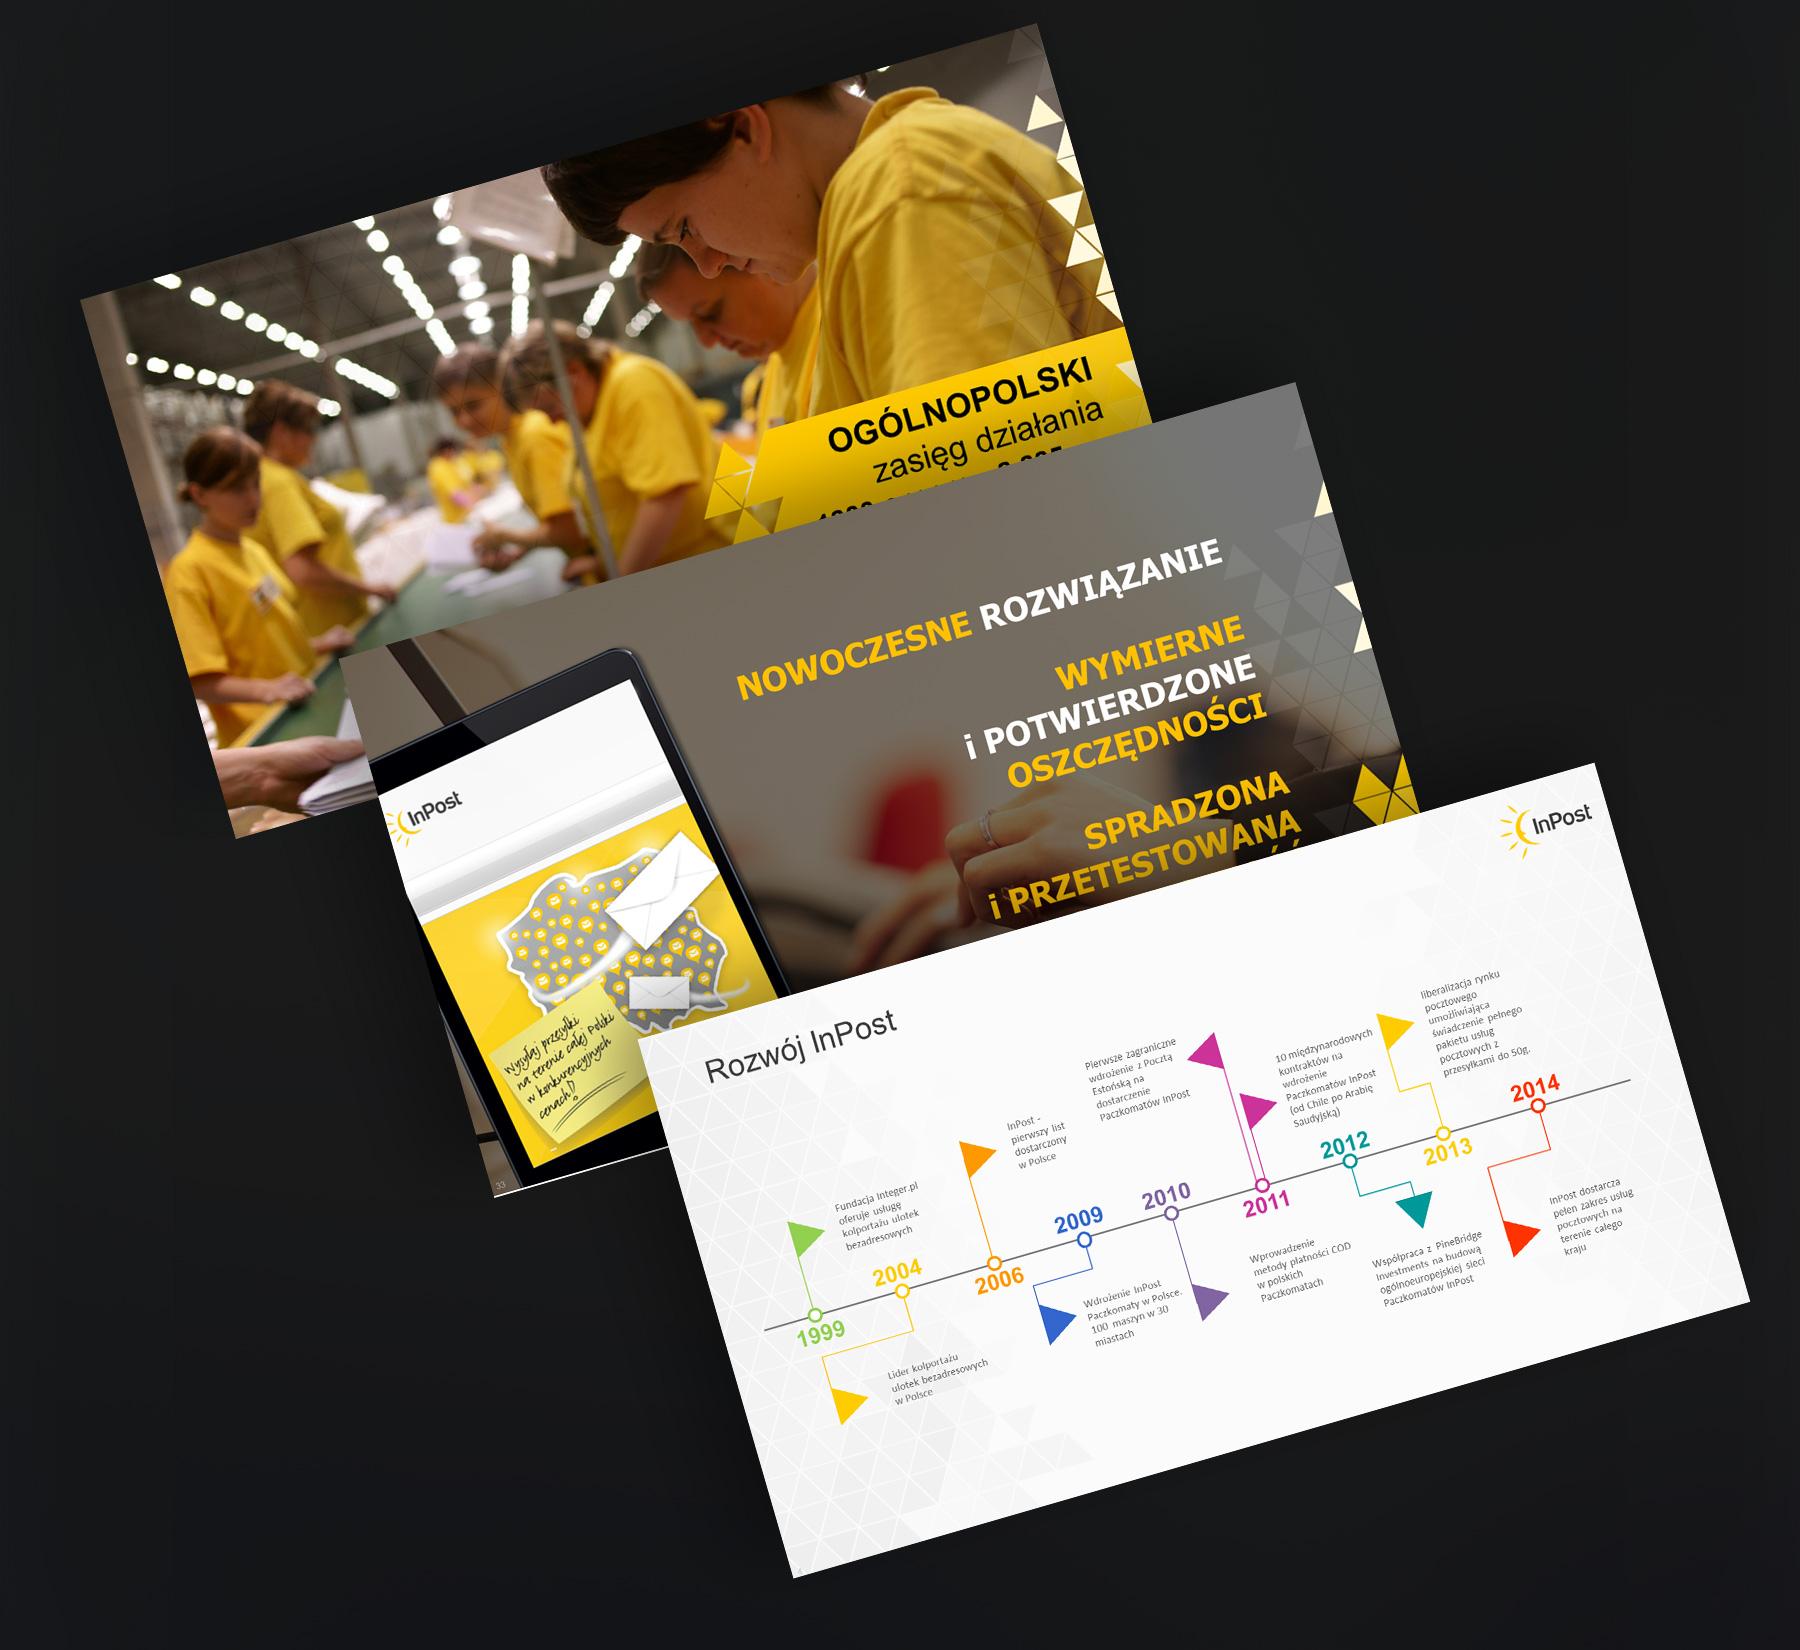 Elektroniczne Potwierdzenie Odbioru Prezentacja dla InPost